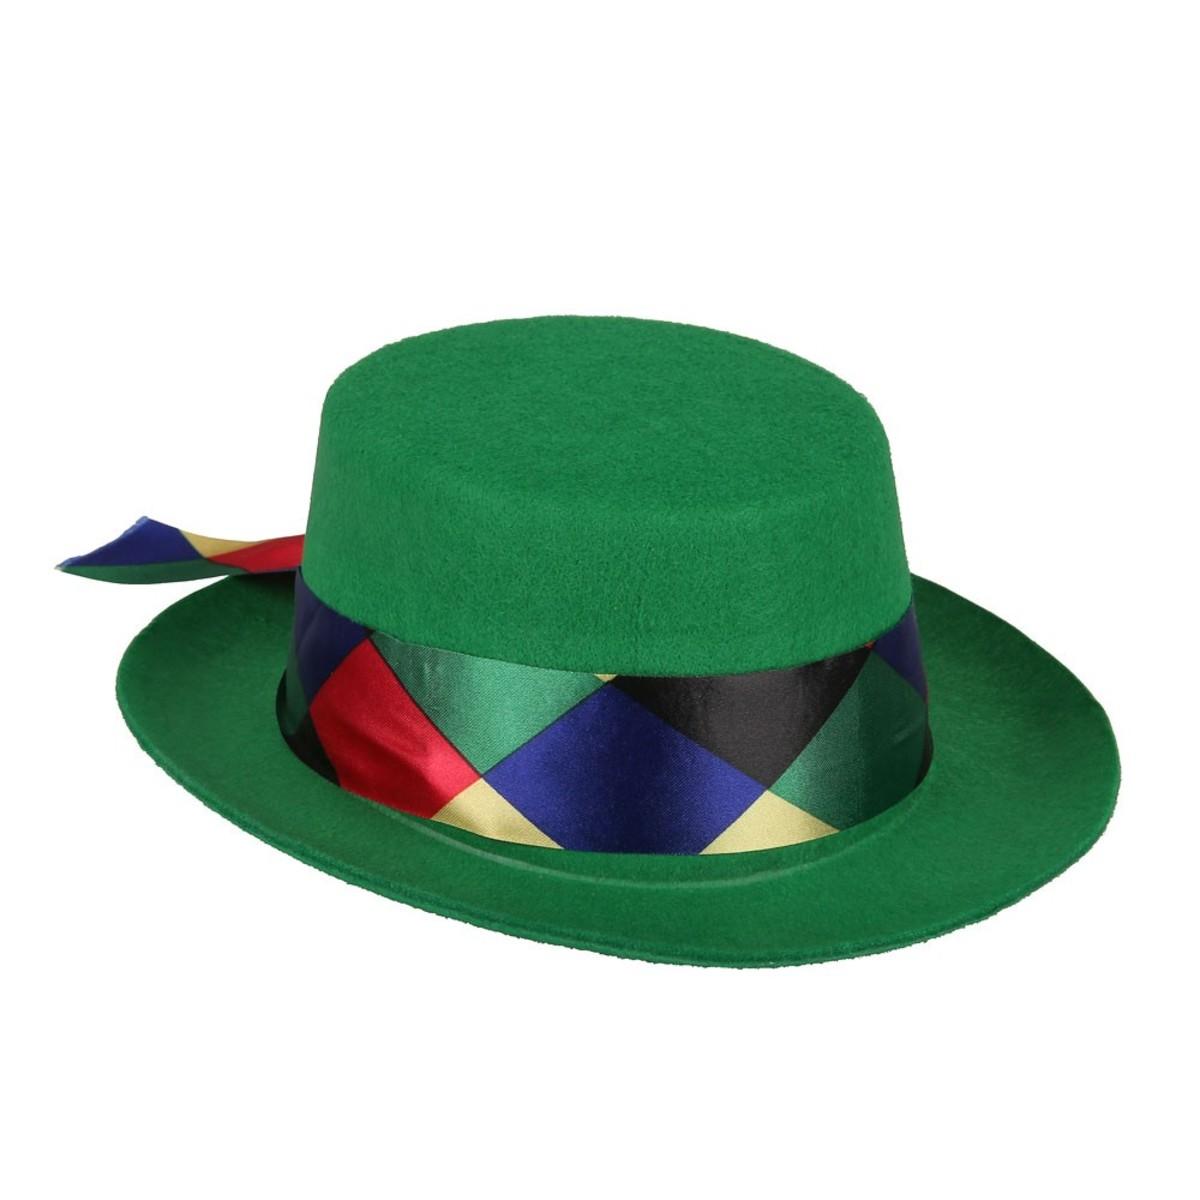 Bild 5 von Karnevals-Hut klassisch